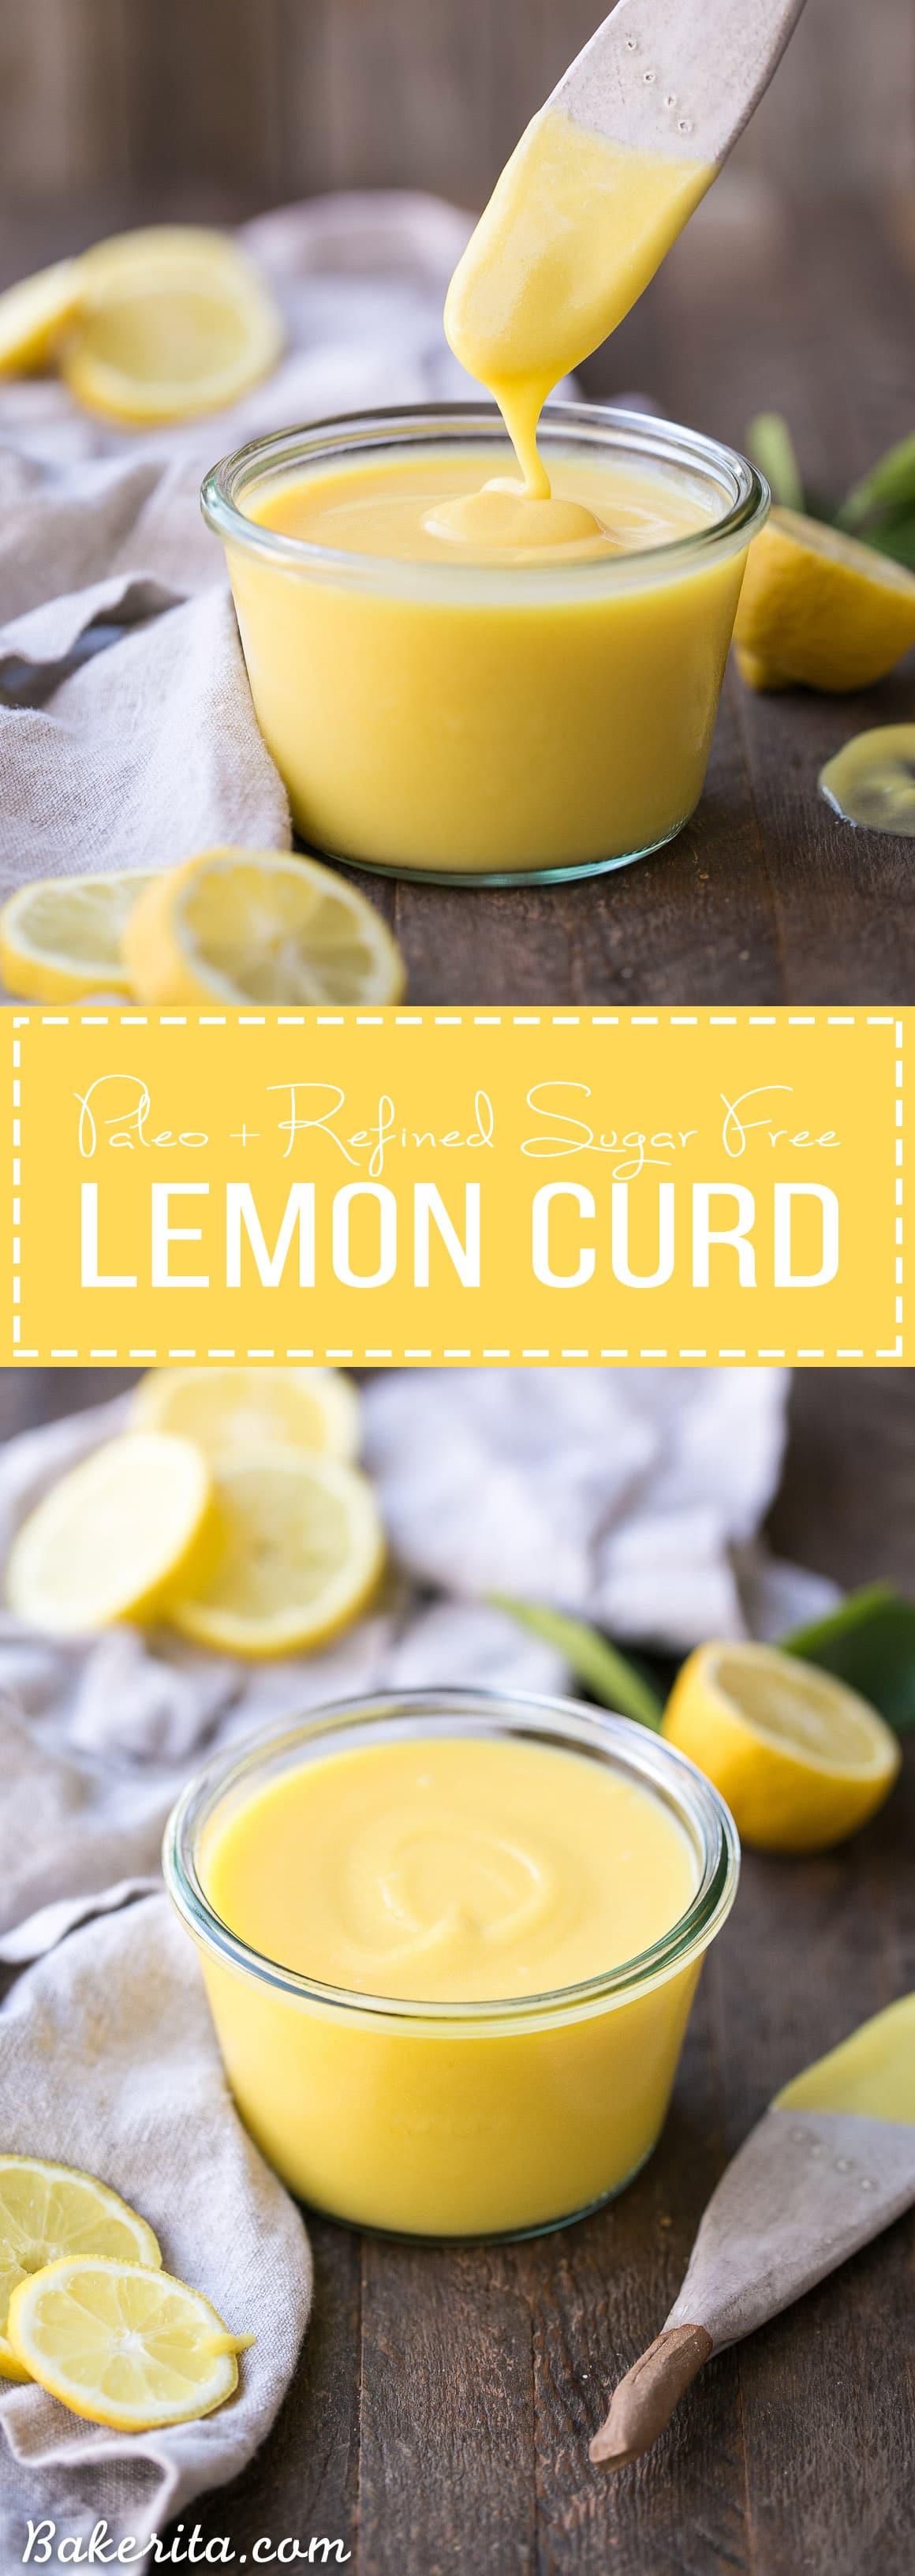 Paleo Lemon Curd - Bakerita